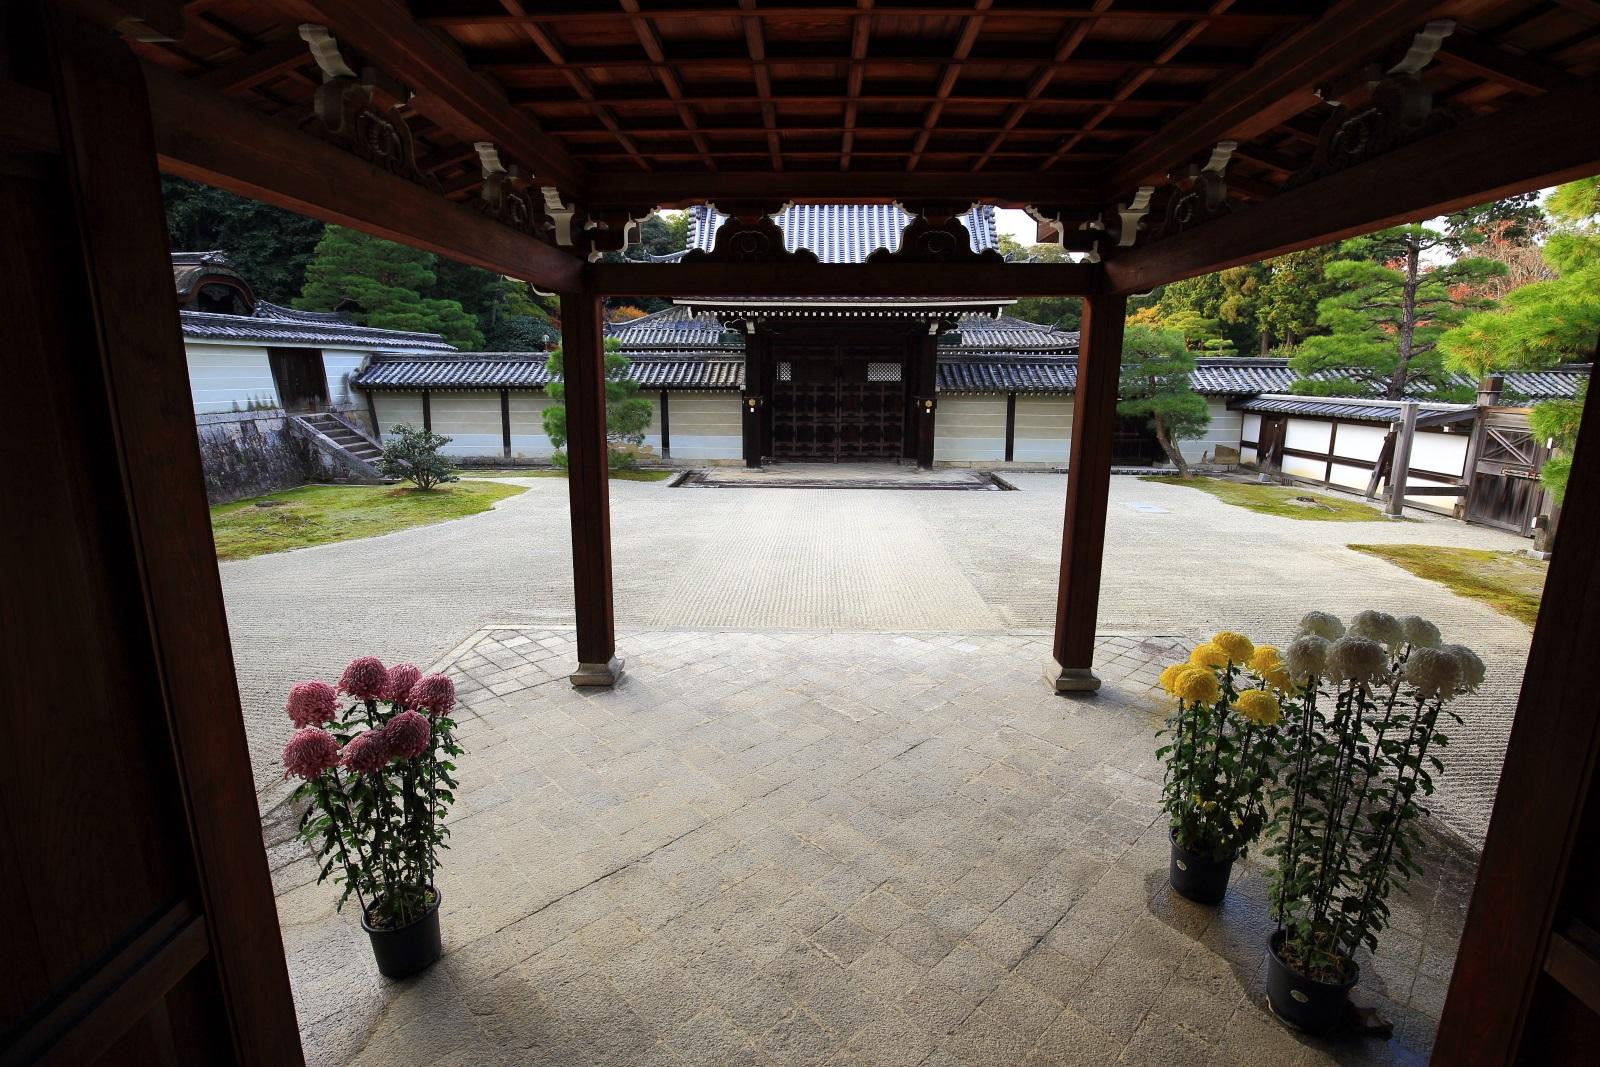 本坊から眺めた勅使門と菊の花が飾られる石庭